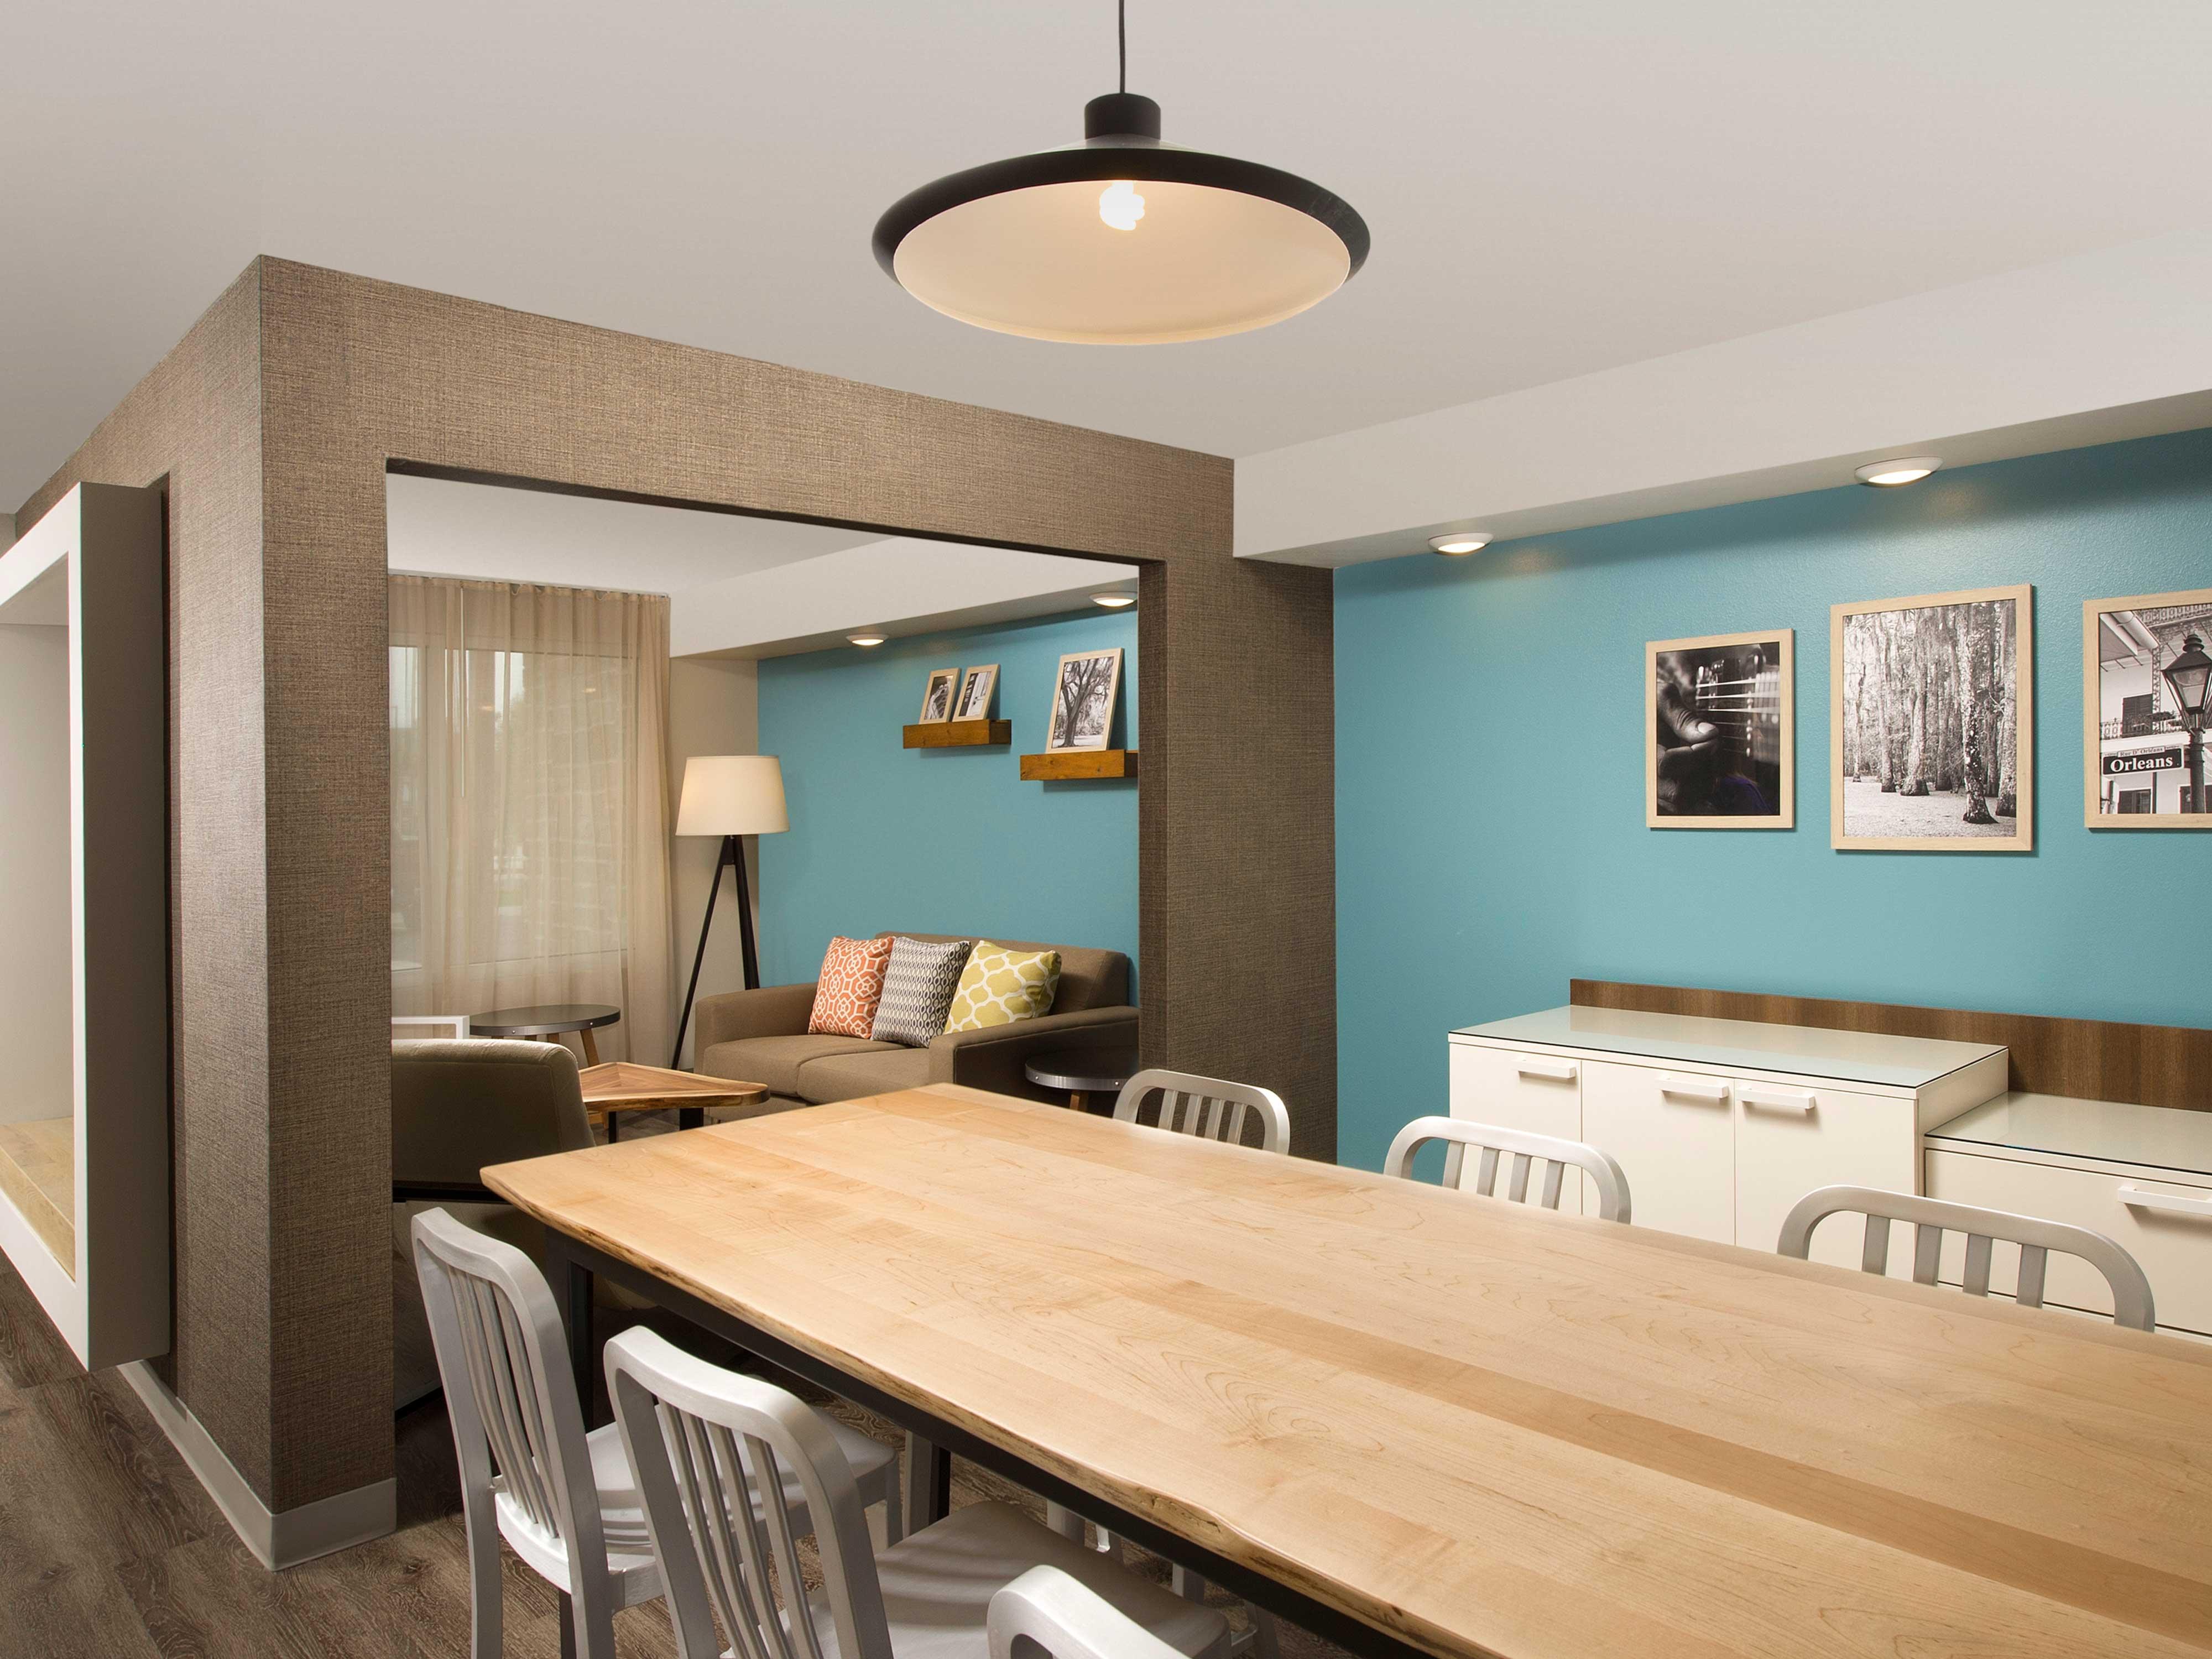 WoodSpring Suites West Melbourne I-95